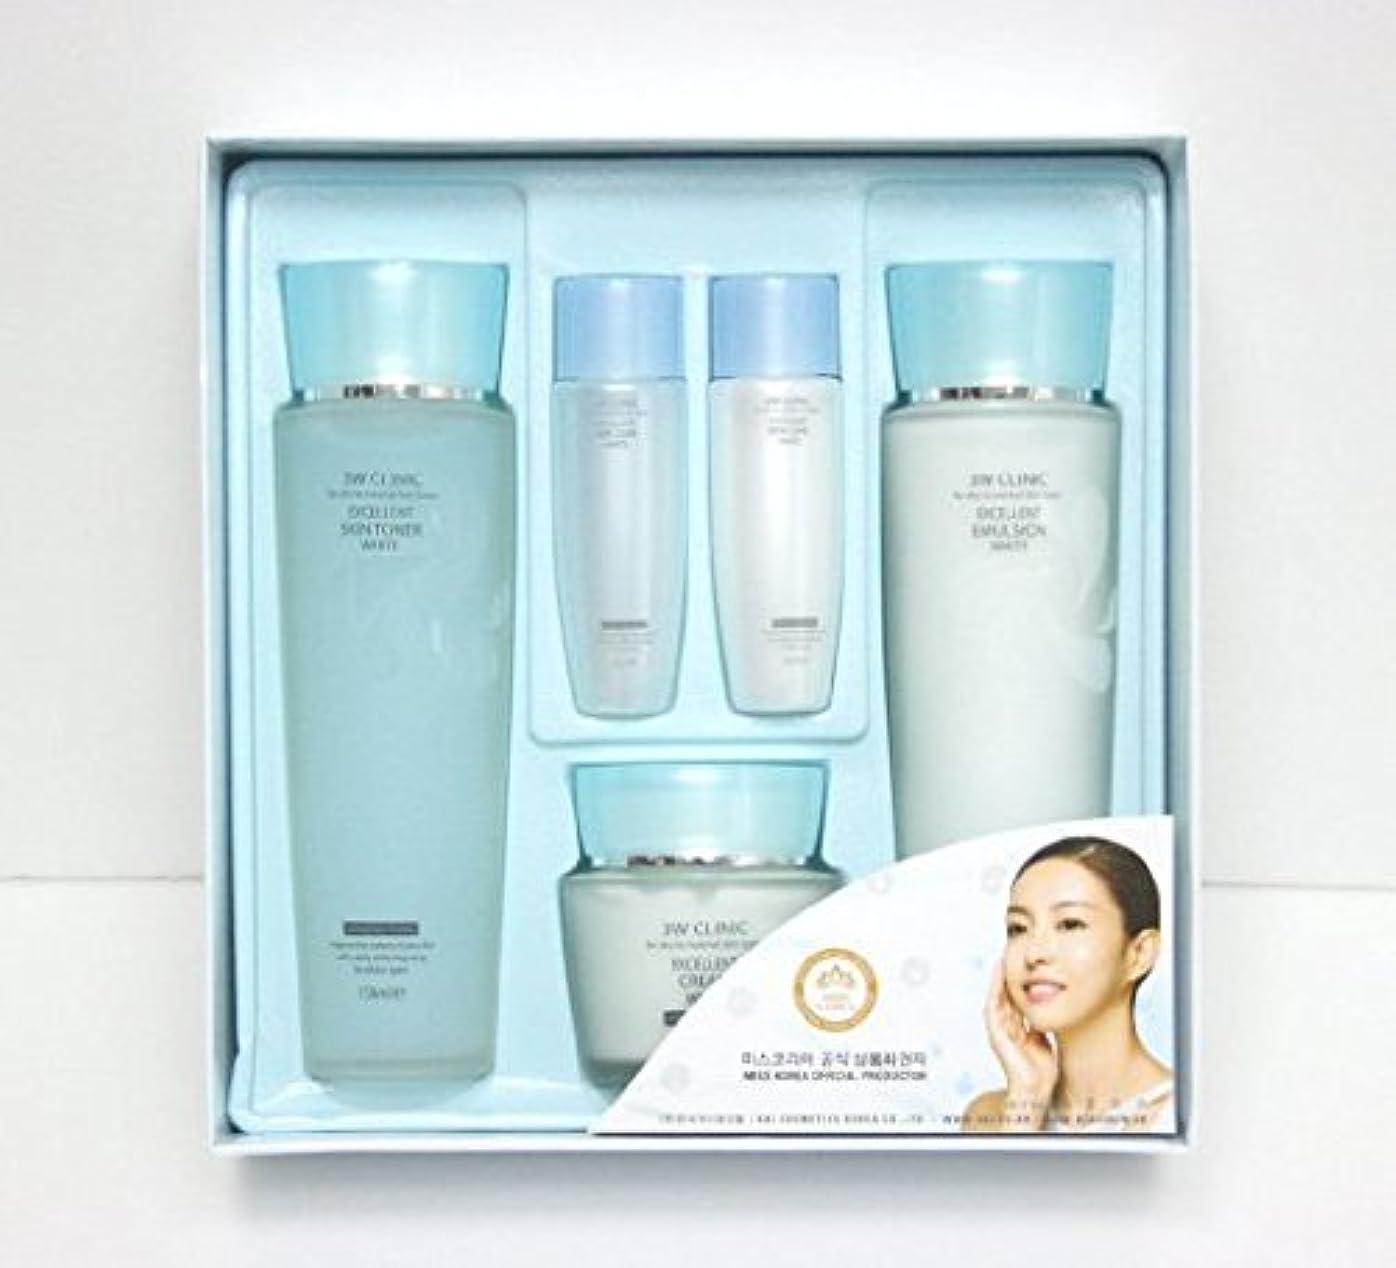 旋回不透明なホット3Wクリニック[韓国コスメ3w Clinic]Excellent White Skin Care set エクセレントホワイトスキンケア3セット,樹液,乳液,クリーム [並行輸入品]